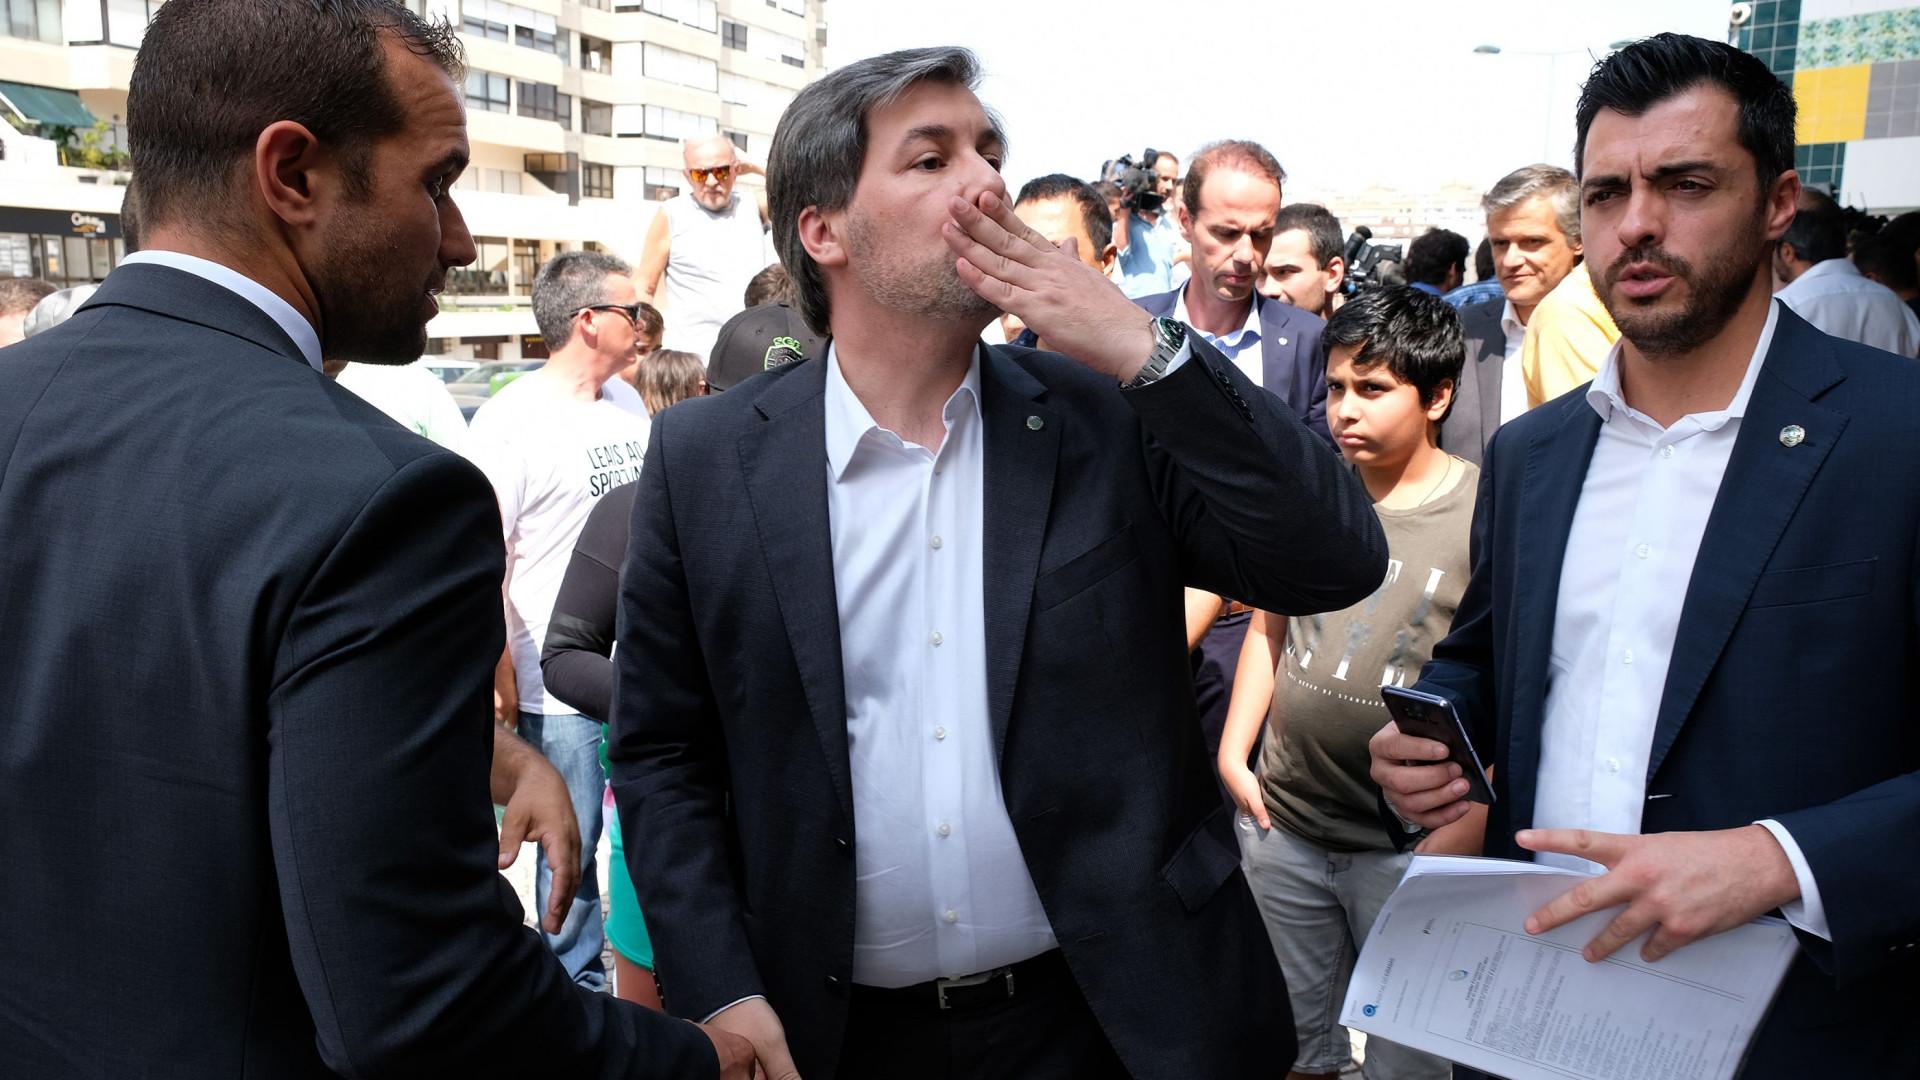 Bruno de Carvalho acusado de ser coautor do ataque a Alcochete, diz a RTP